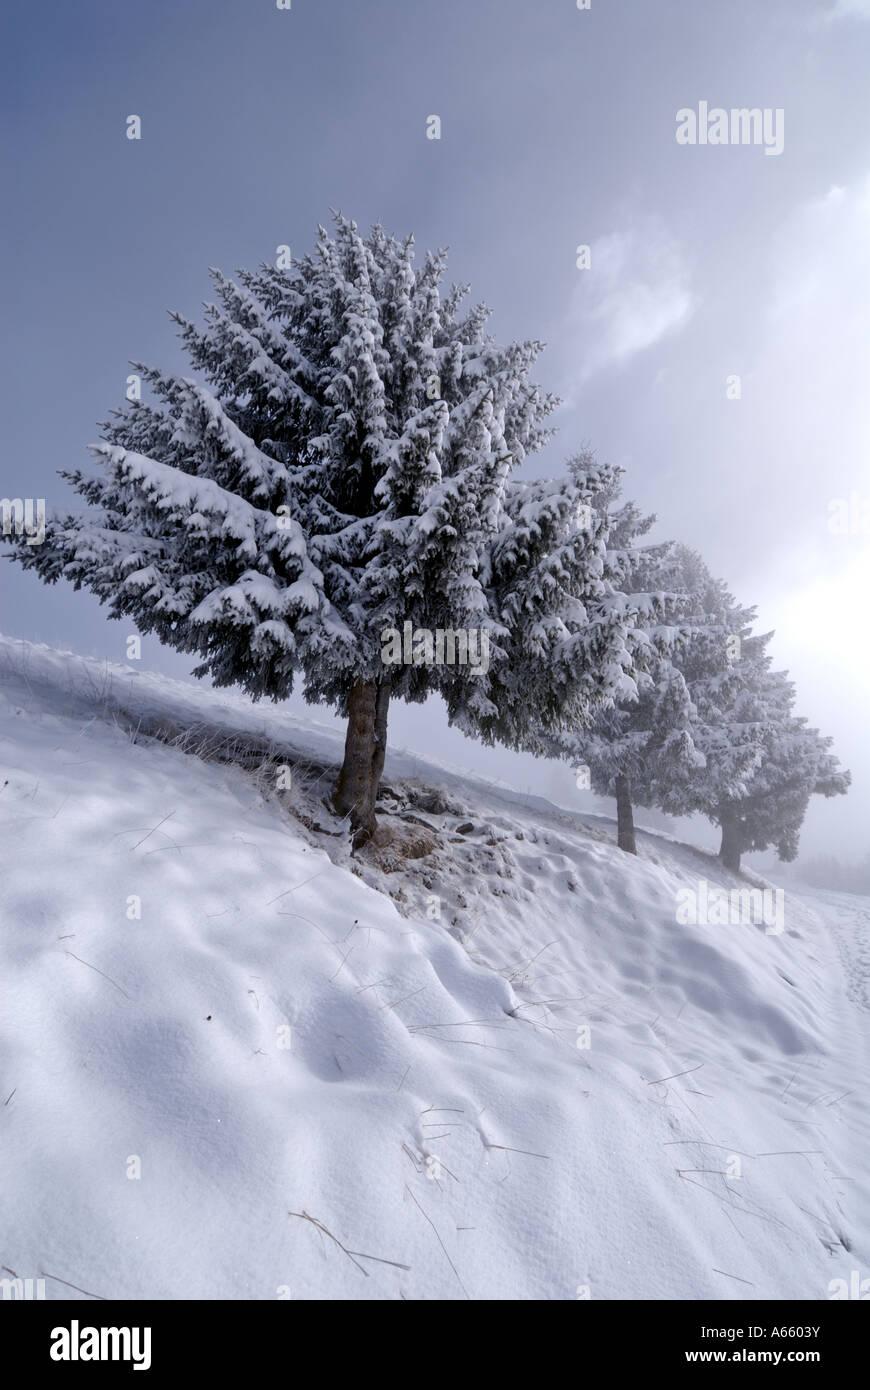 Snowy alpine fir Trees Villars sur Ollon, Switzerland, Europe - Stock Image